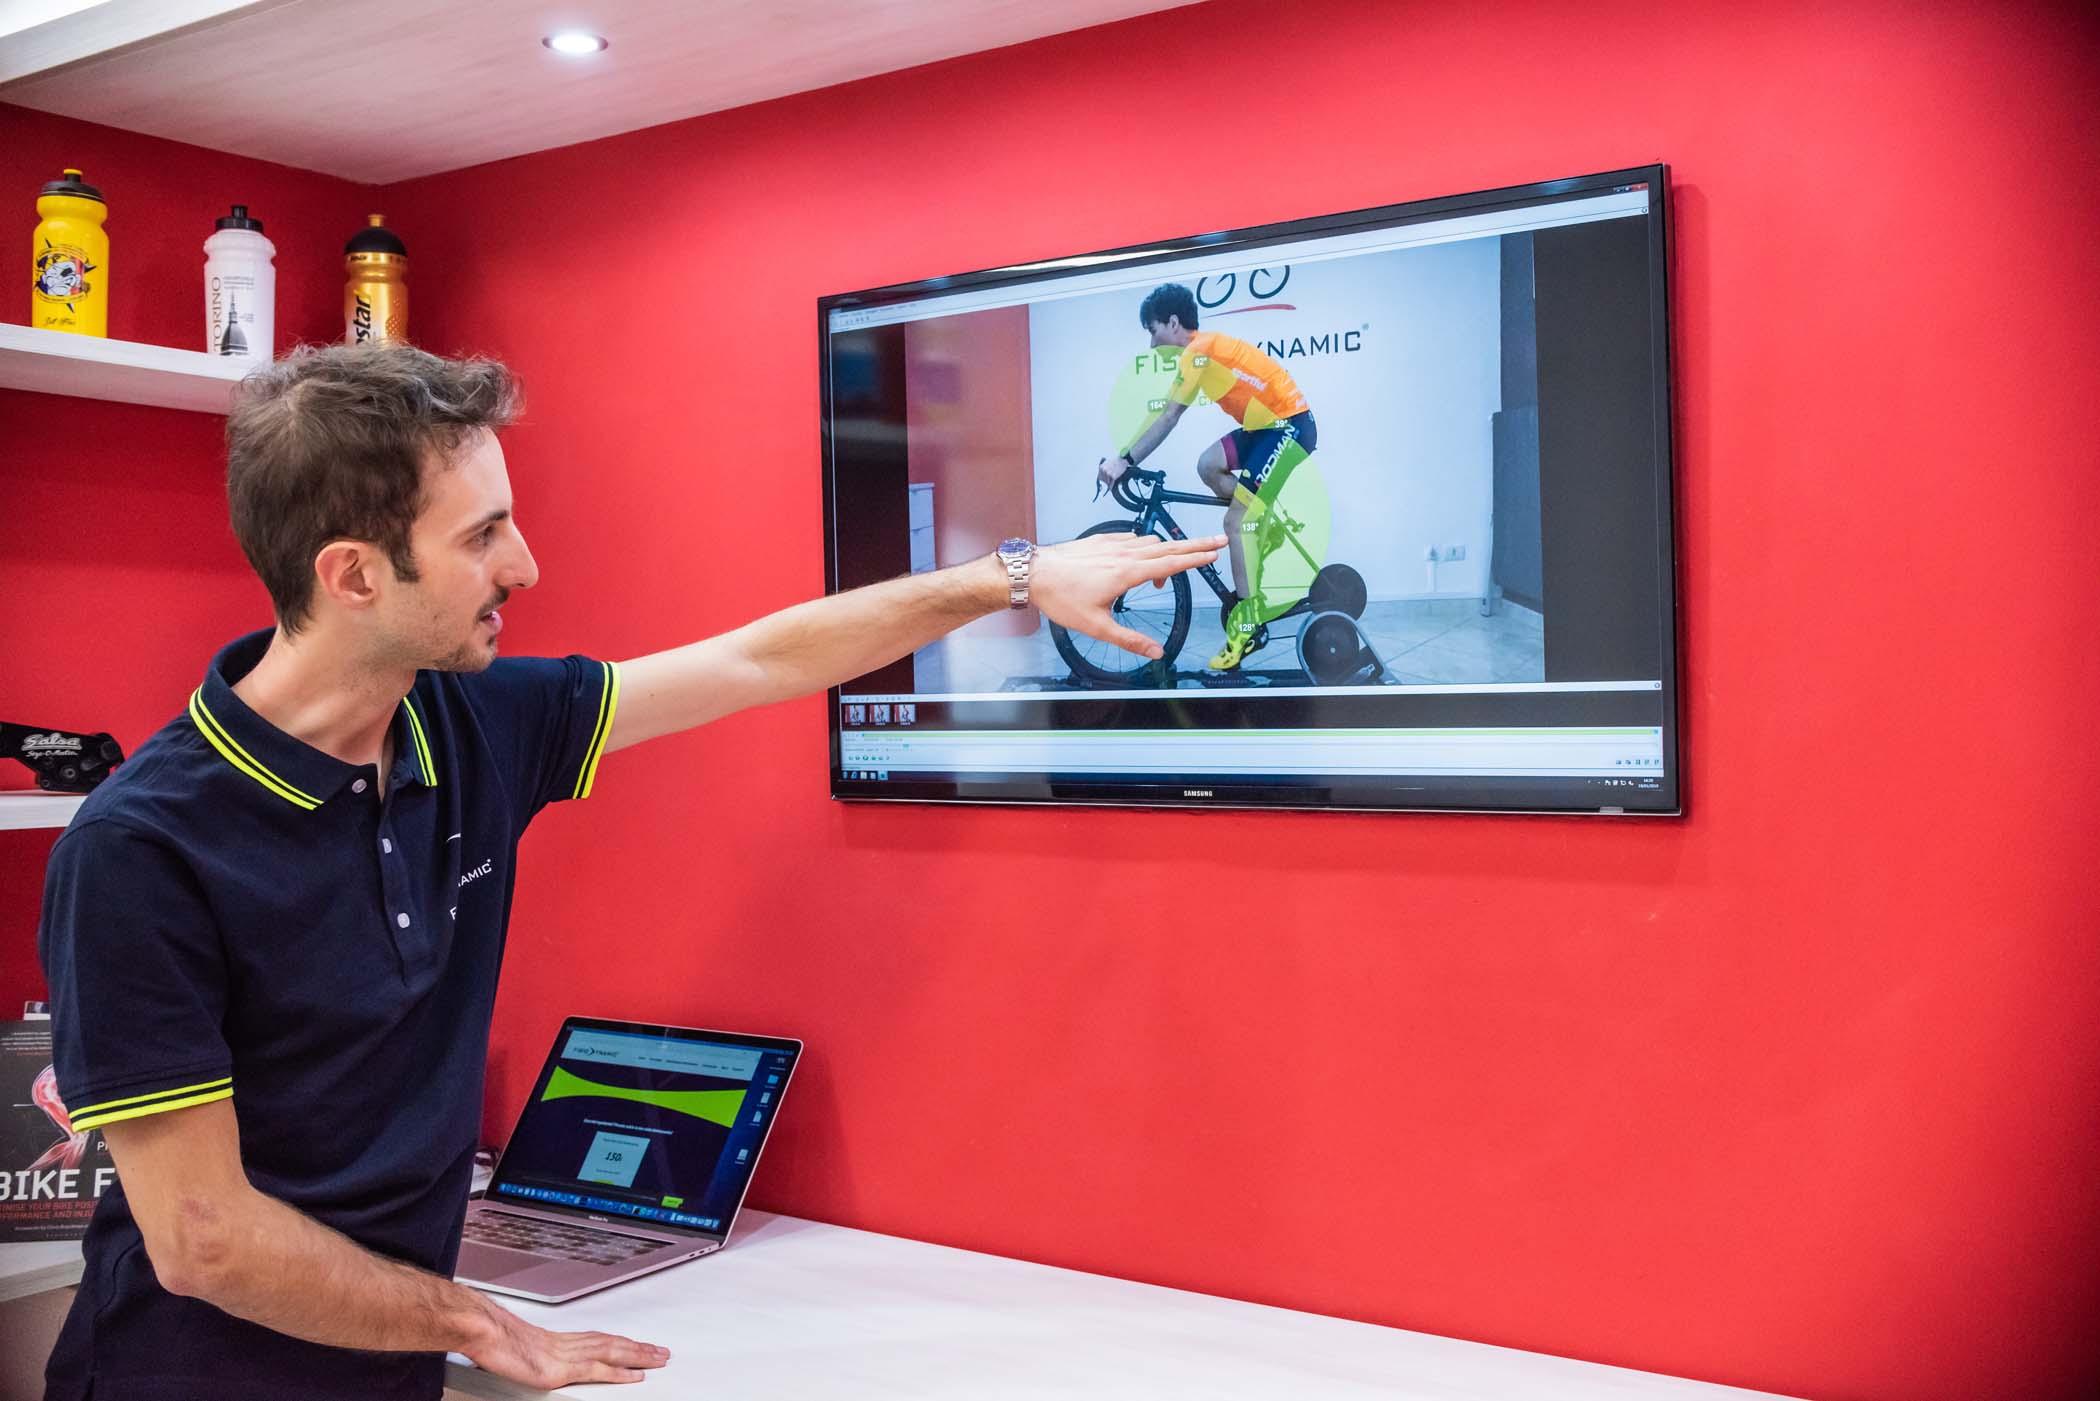 FisioDynamic Cycling Lab